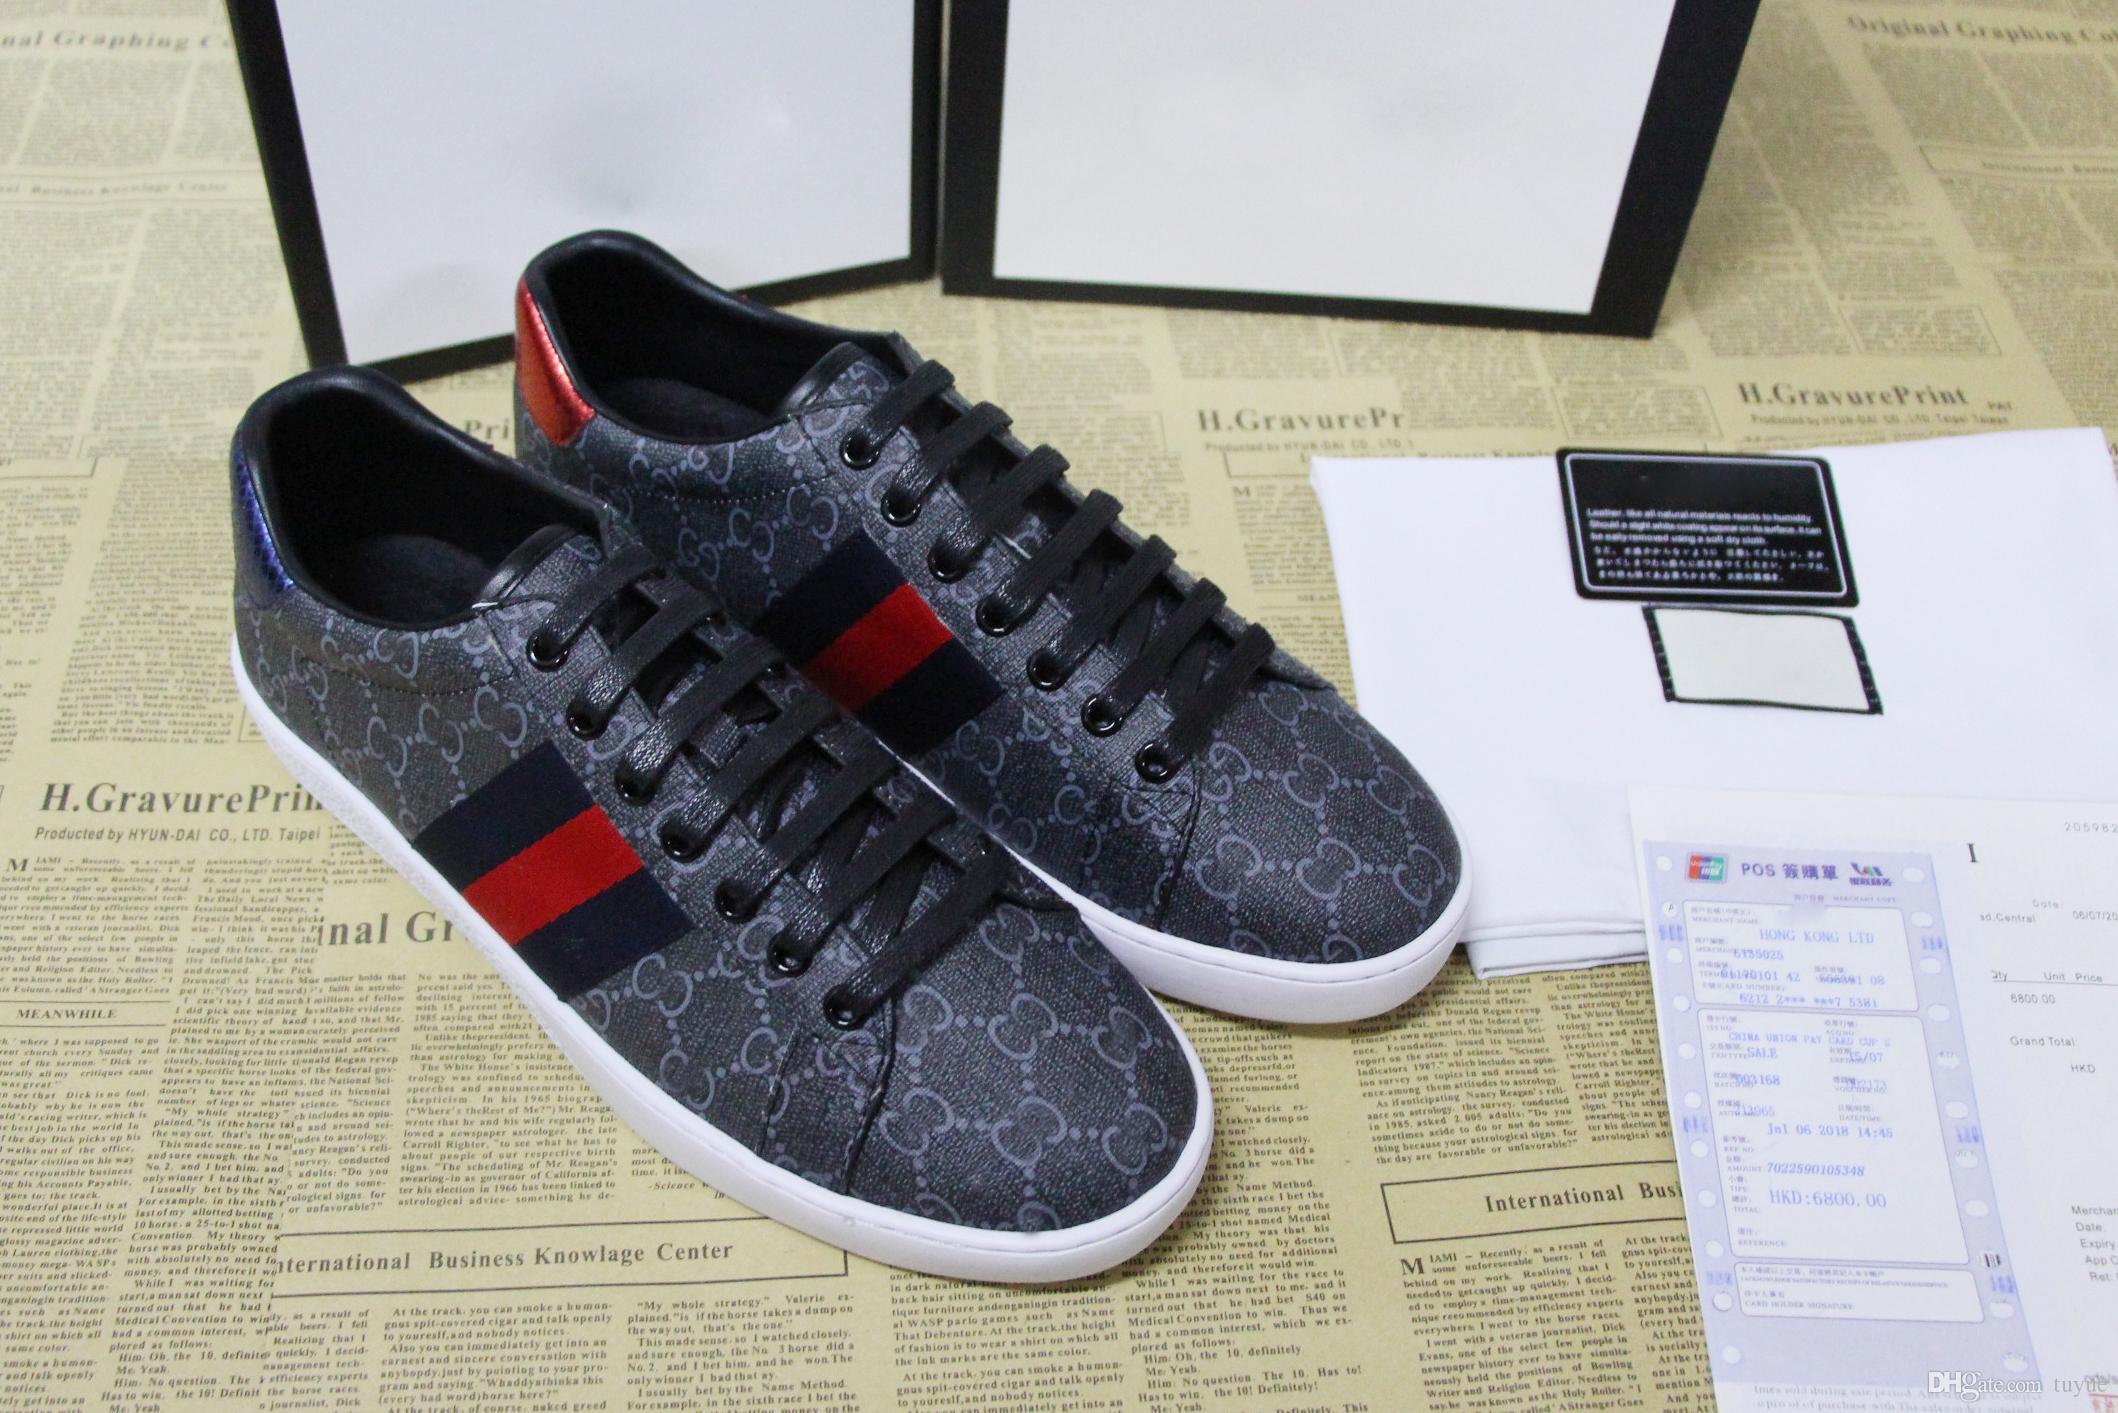 c7ea4f141196 Acheter Chaussures De Sport Pour Hommes De Marque Luxuxy Sneakers En Cuir  De Marque Ace Letter G Baskets Pour Hommes Femmes Taille 34 46 De $123.78  Du Tuyue ...